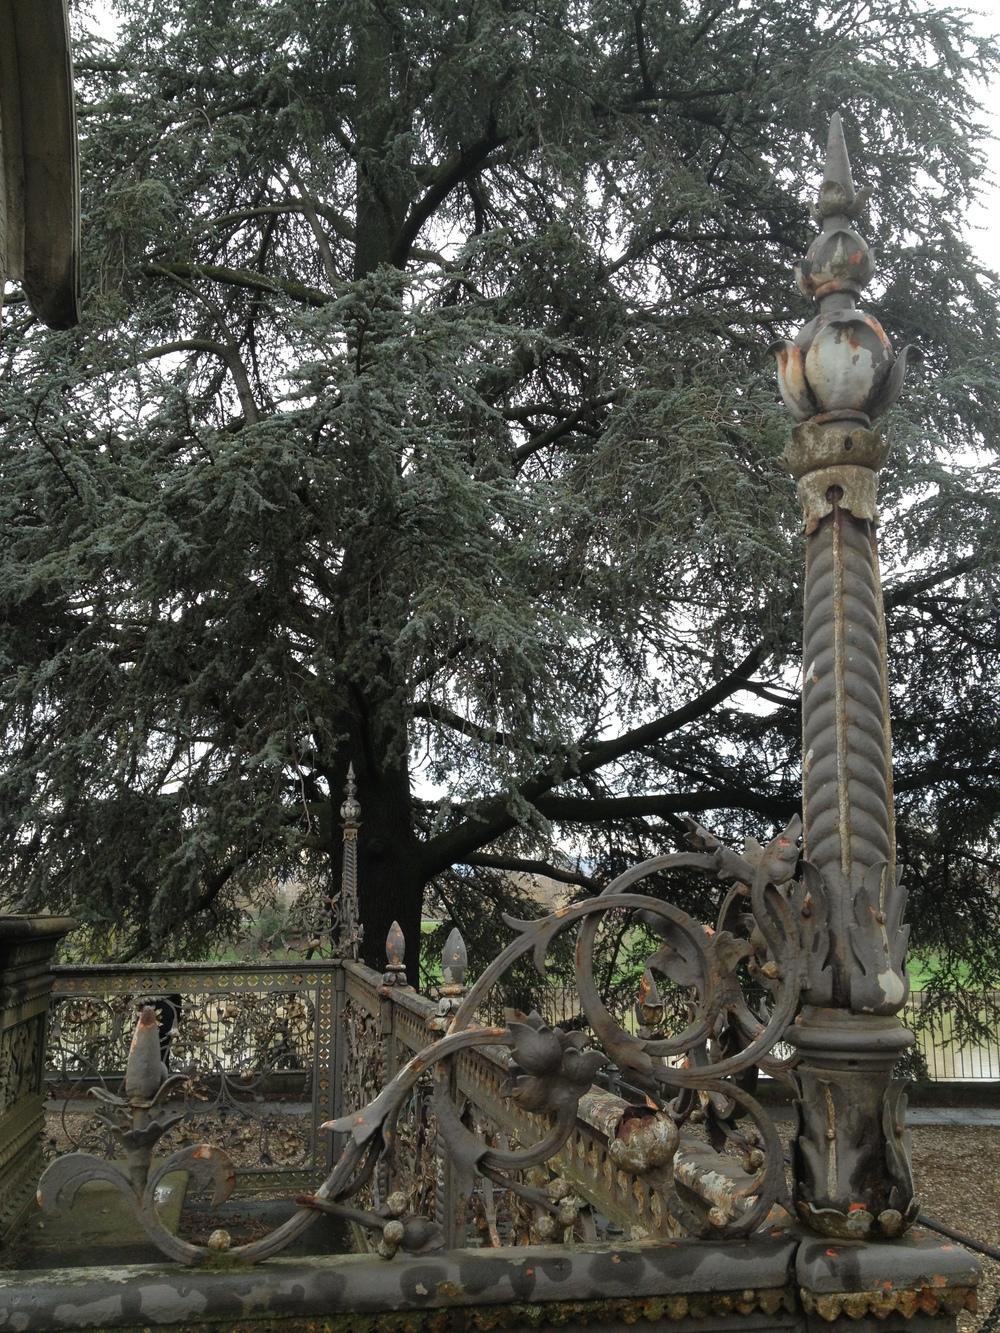 Florentine-Orientalism-Maharajah-of-Kolhapur-jessewaugh.com-11.jpg